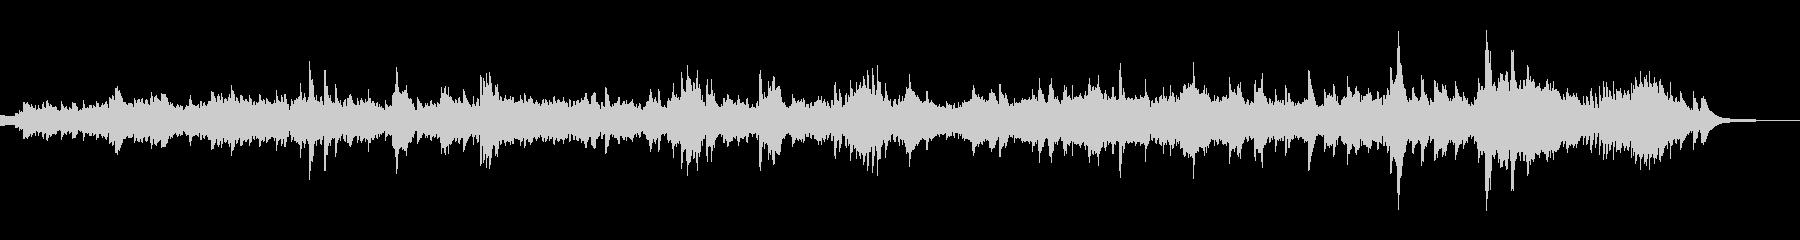 静かなピアノのクラシック音楽 ショパンの未再生の波形